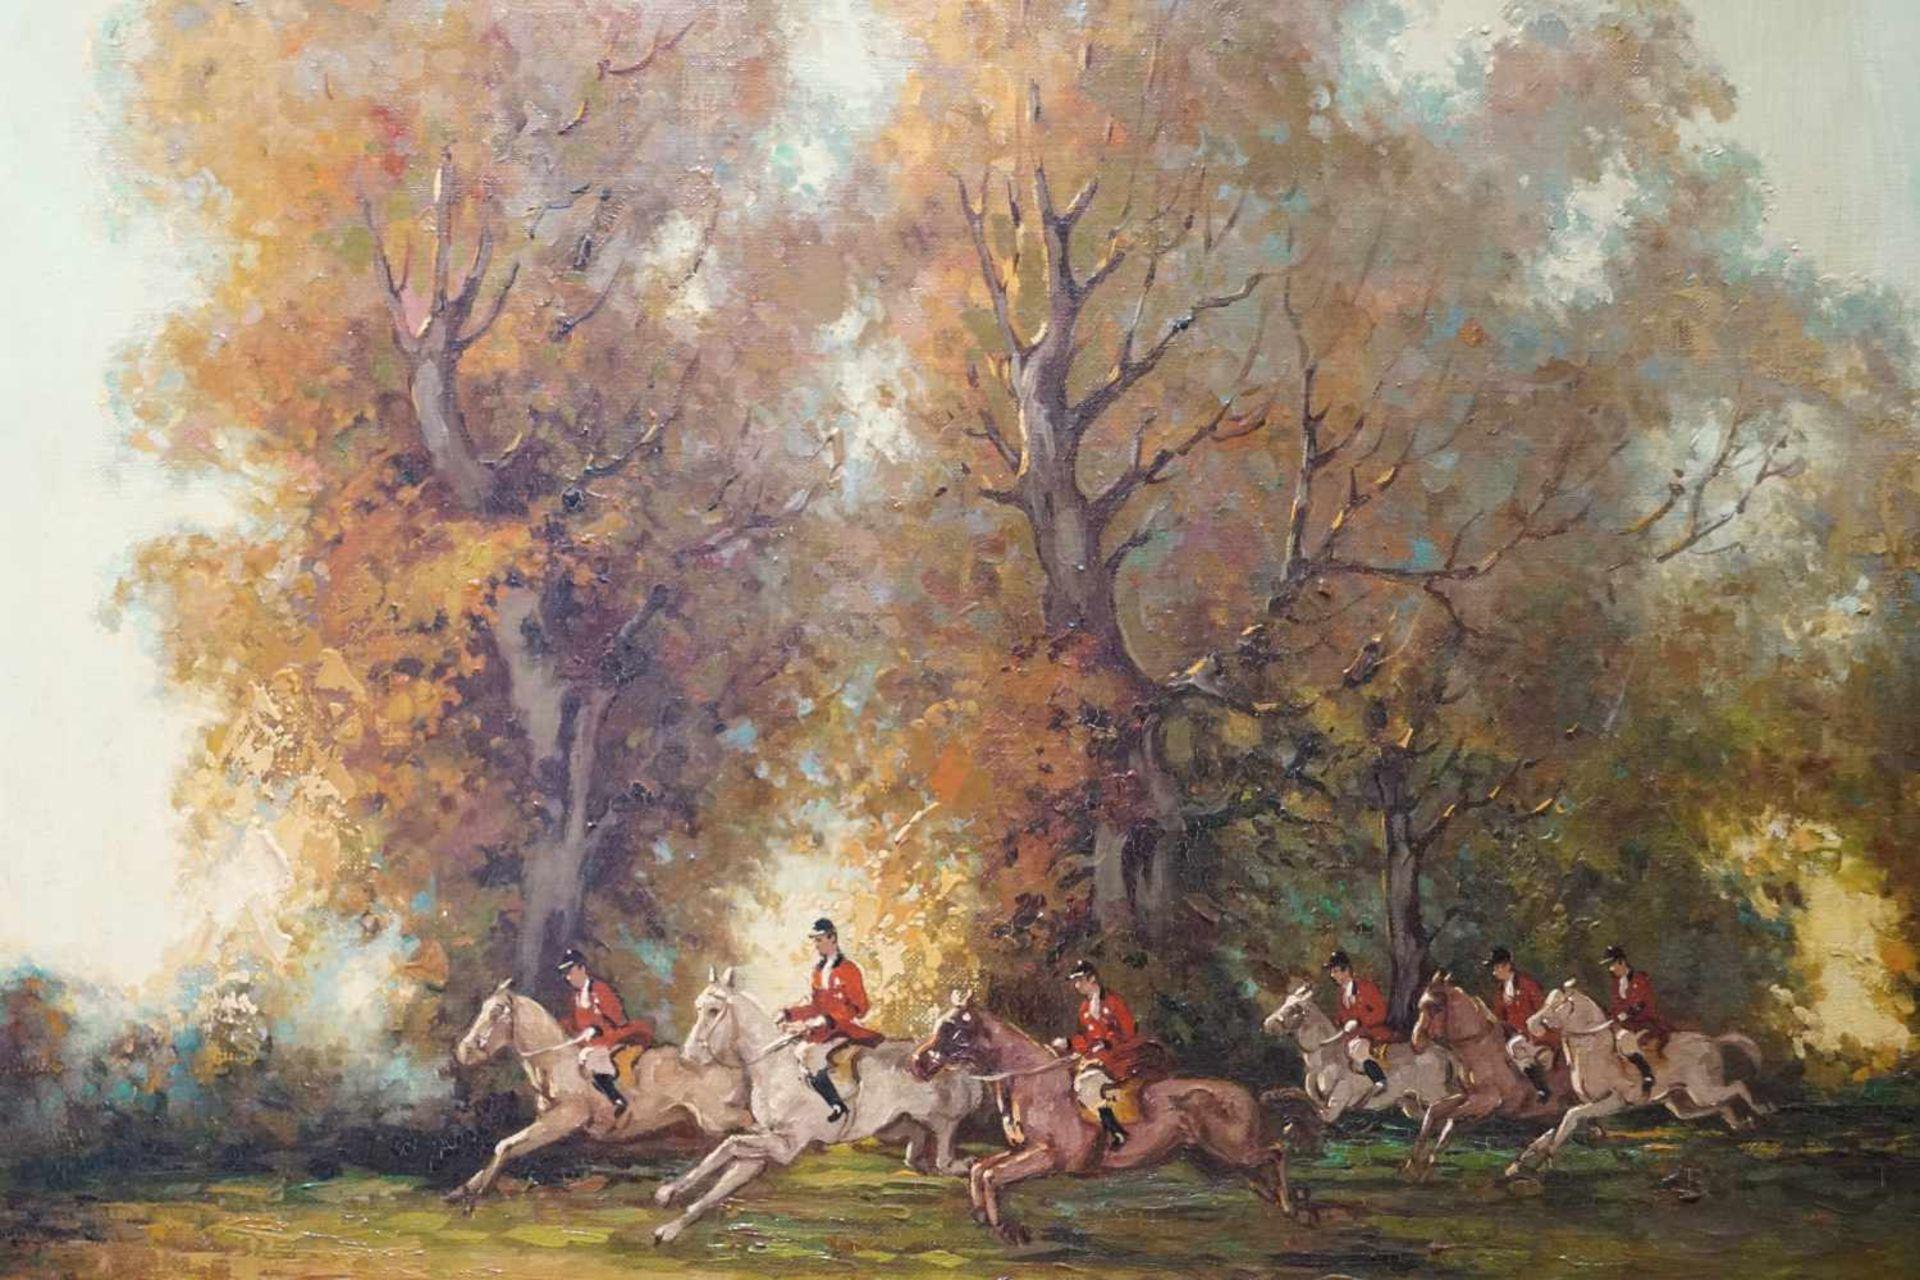 Parforcejagd Peter Otto Heim (1896-1966), Öl auf Leinwand, gerahmt, Höhe 66 cm x Breite 62 cm, - Bild 3 aus 3